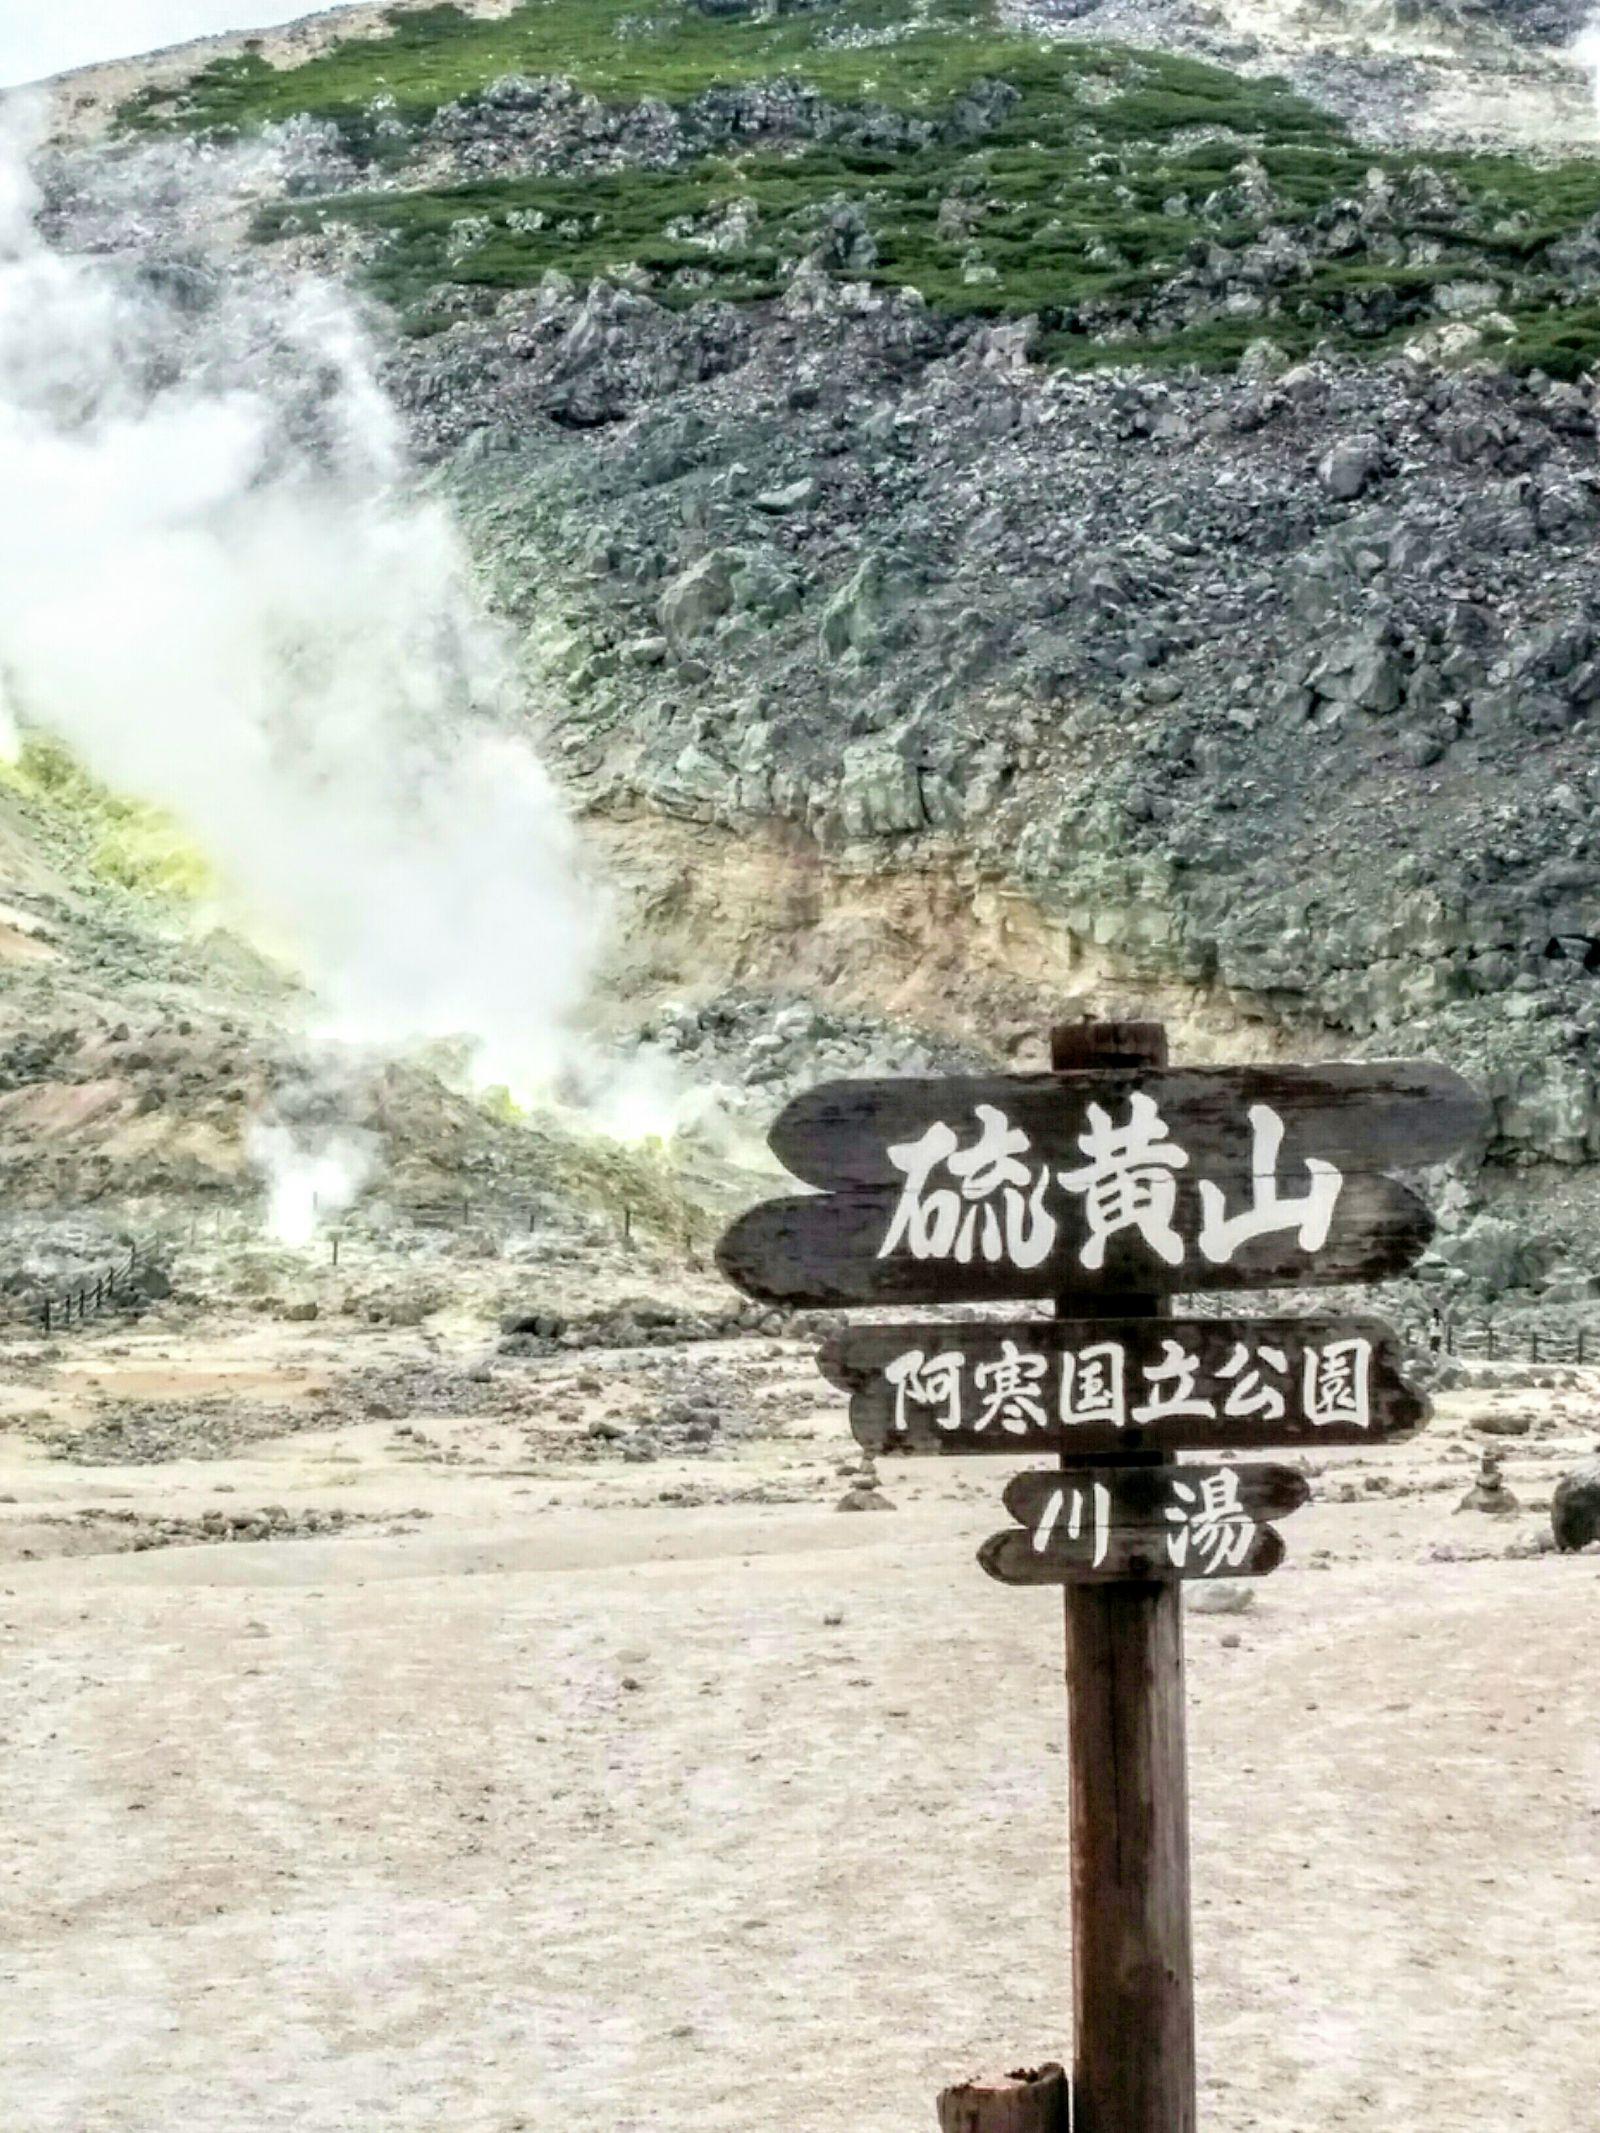 【弟子屈町・硫黄山】硫黄山観光案内です。